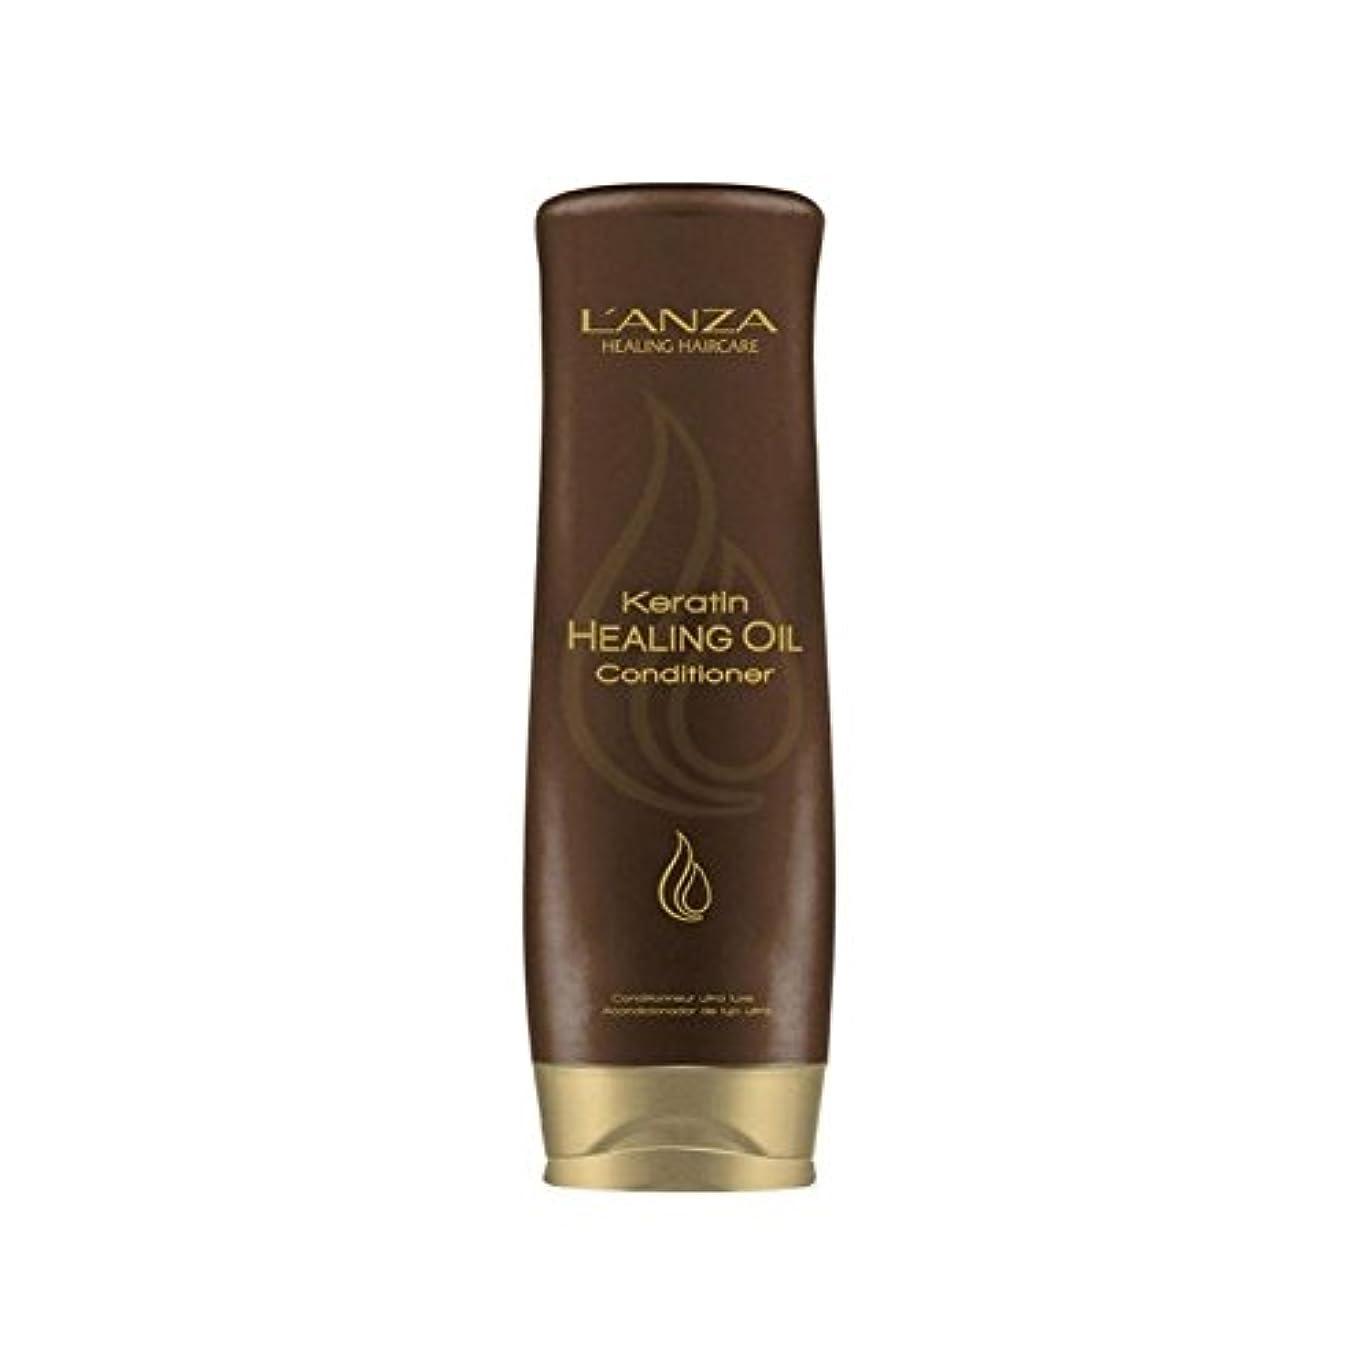 主流情緒的トランクL'Anza Keratin Healing Oil Conditioner (250ml) - アンザケラチンオイルコンディショナー(250ミリリットル)を癒し [並行輸入品]